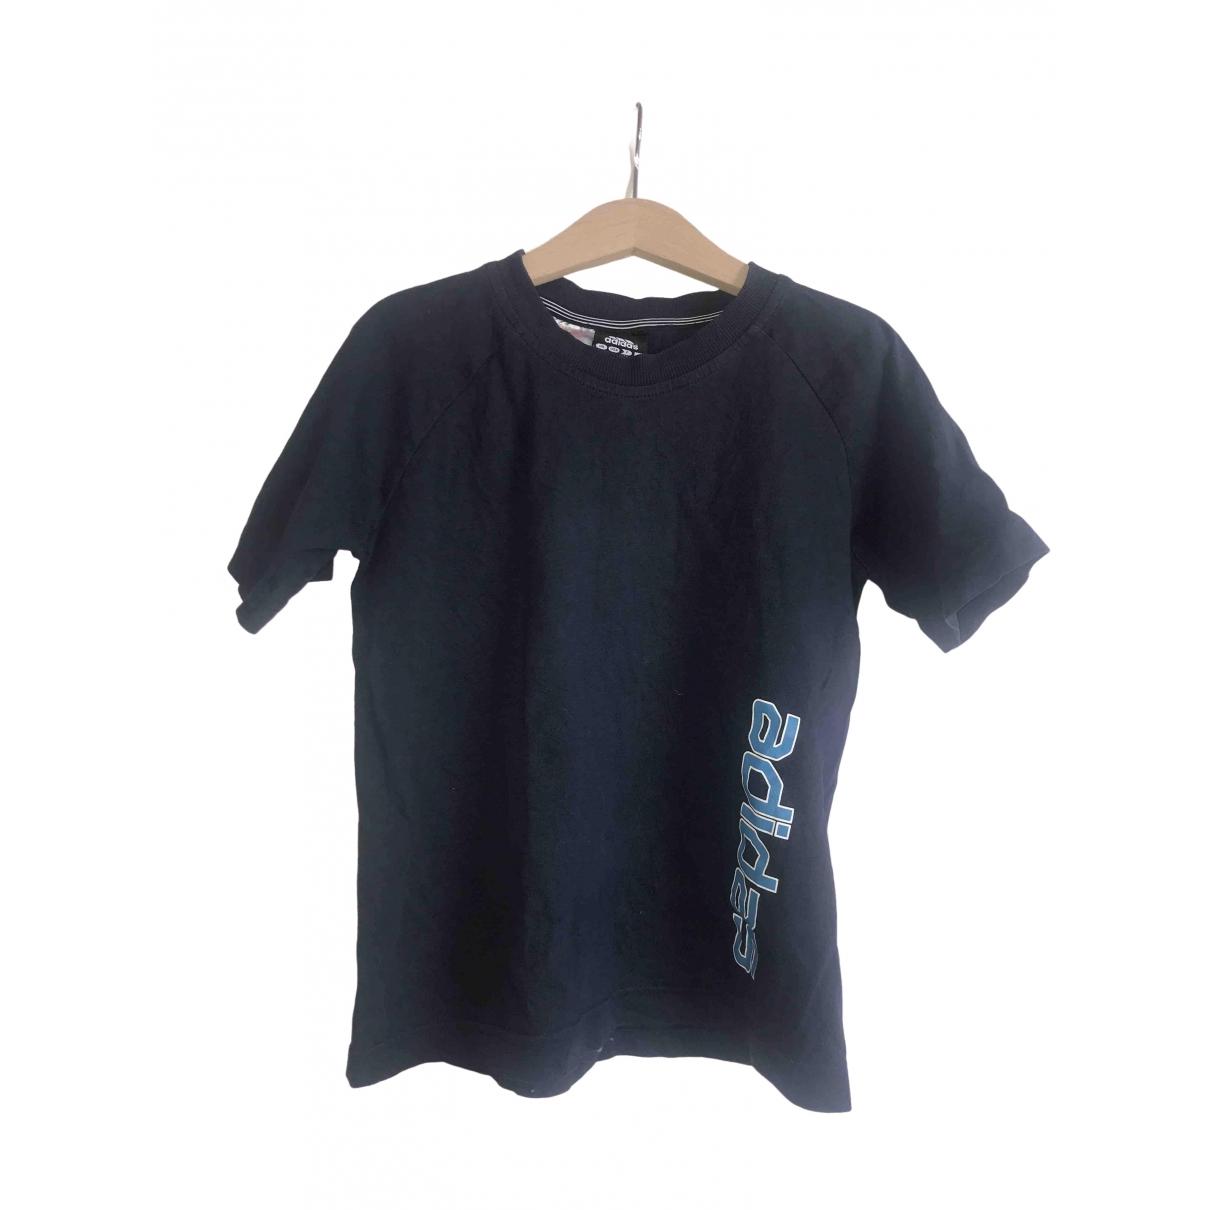 Adidas - Top   pour enfant en coton - bleu